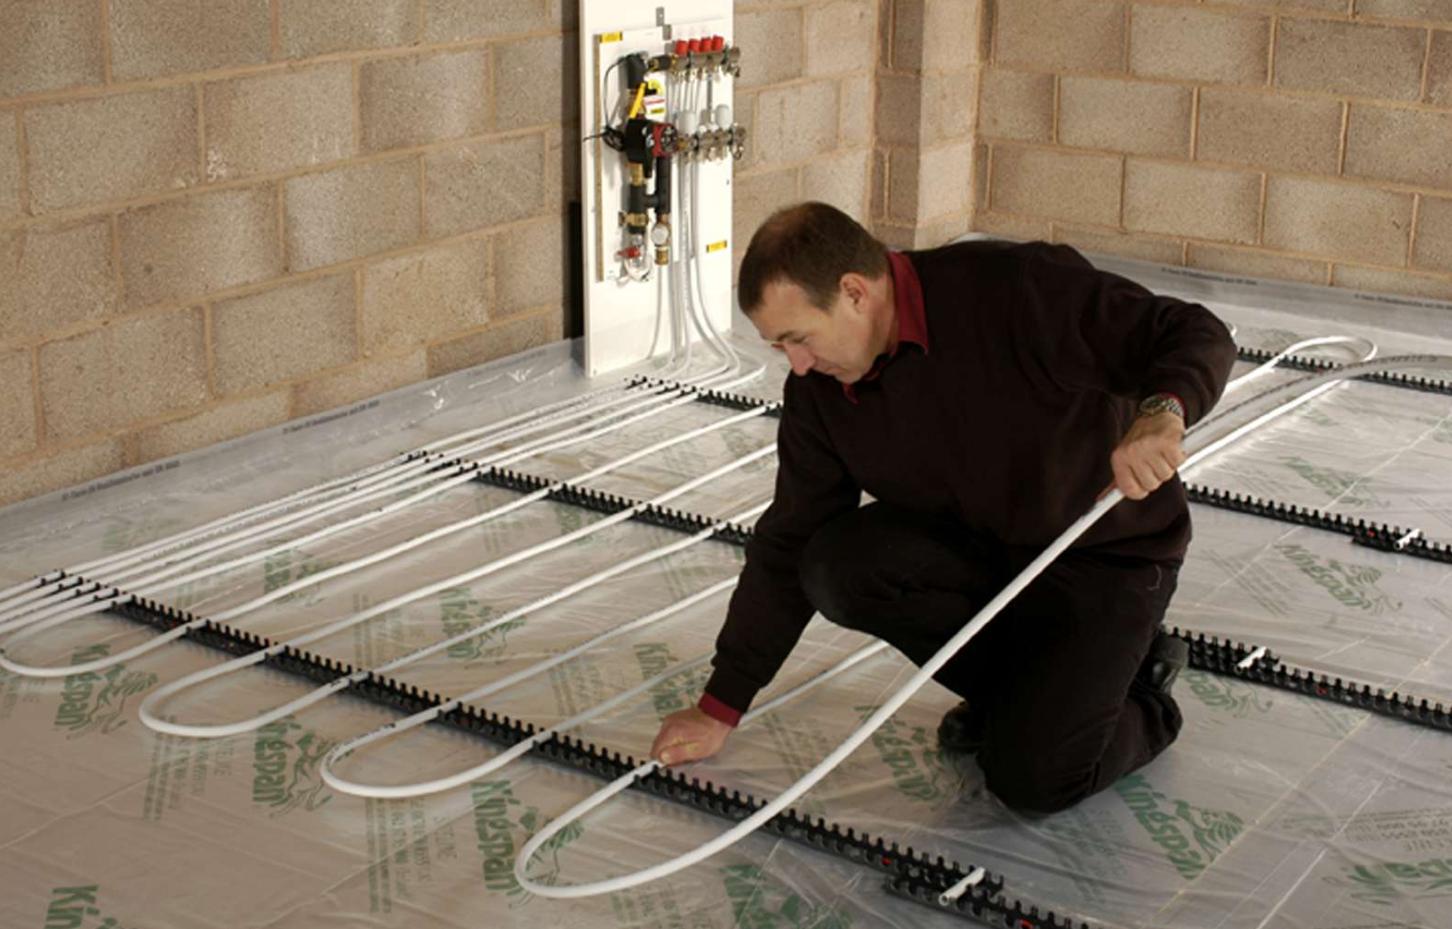 як організувати бізнес по монтажу теплих водяних підлог